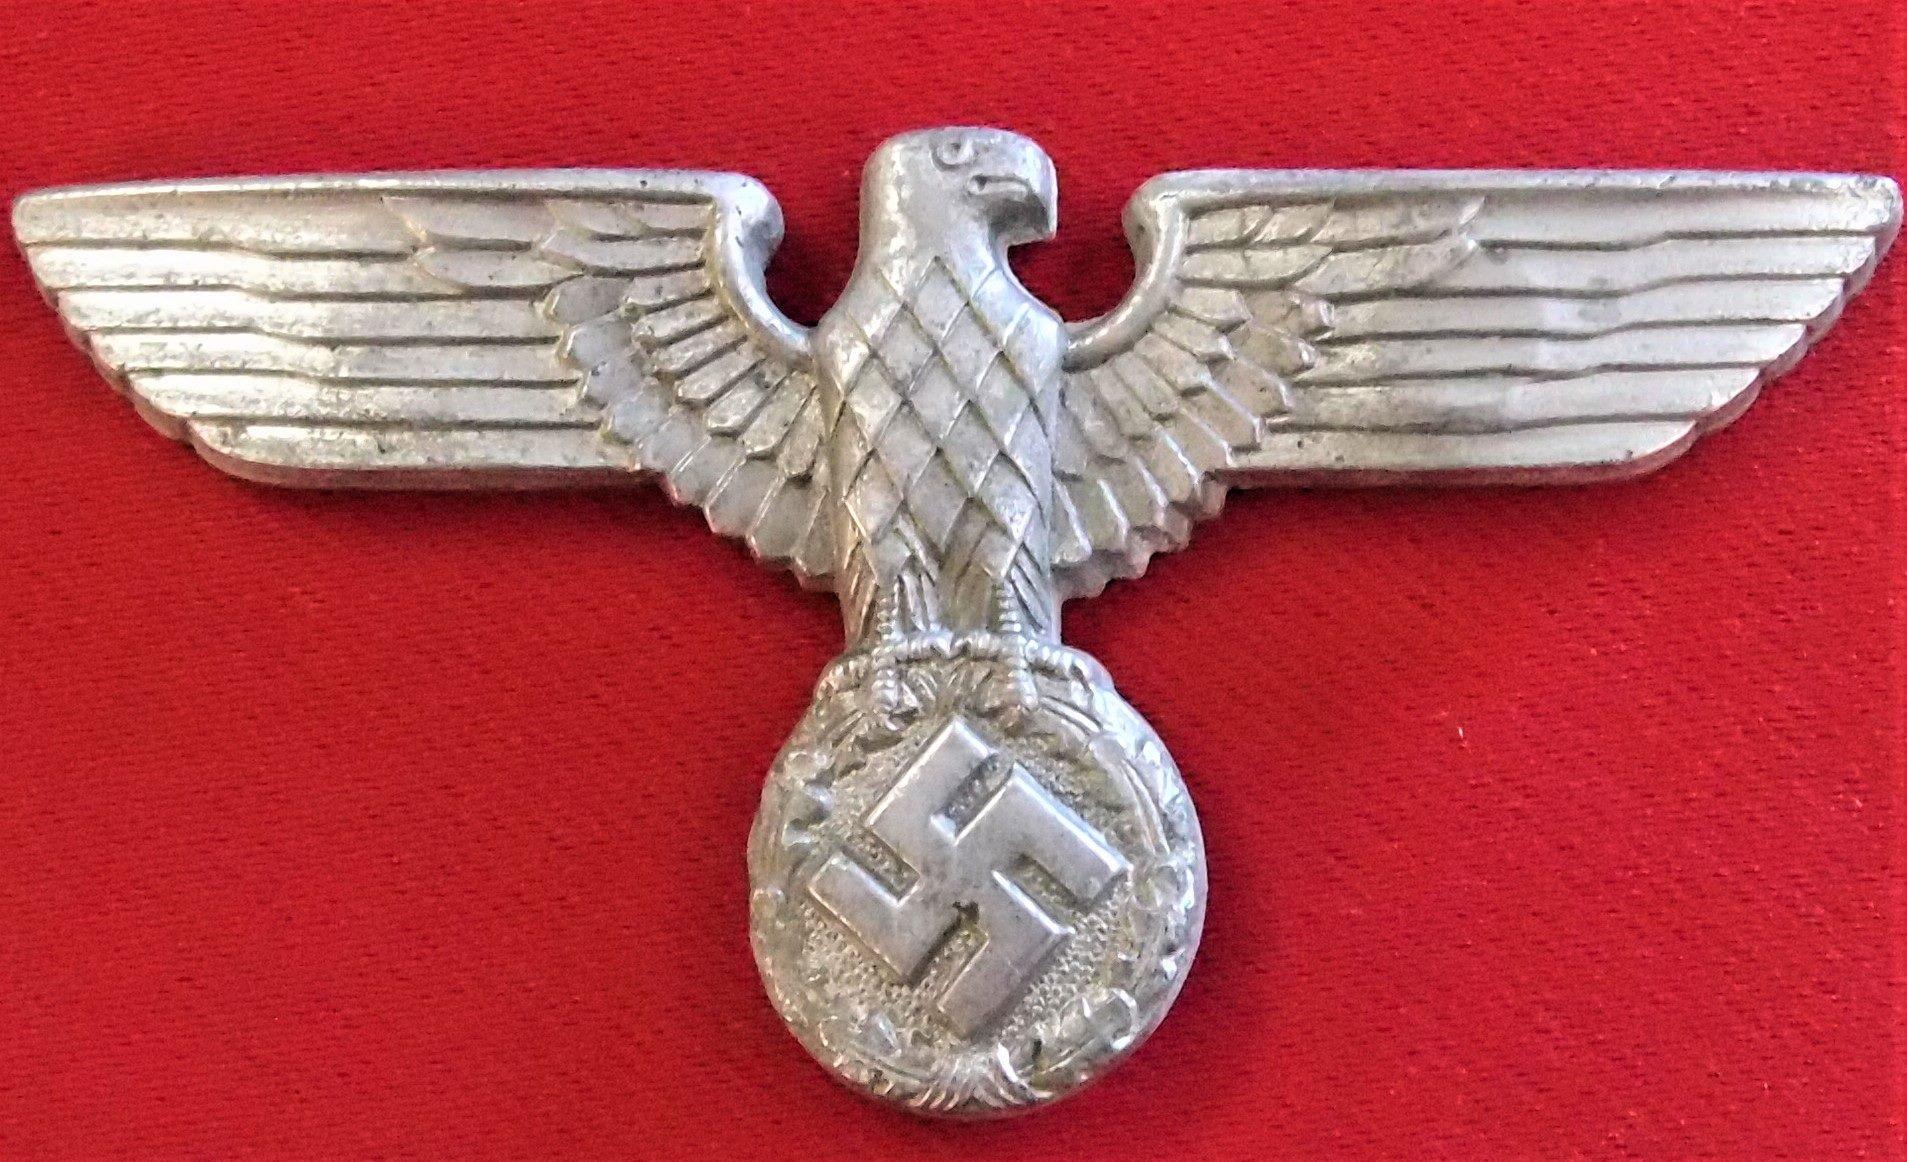 **SOLD** WW2 GERMAN NAZI PARTY (N S D A P ) UNIFORM CAP EAGLE